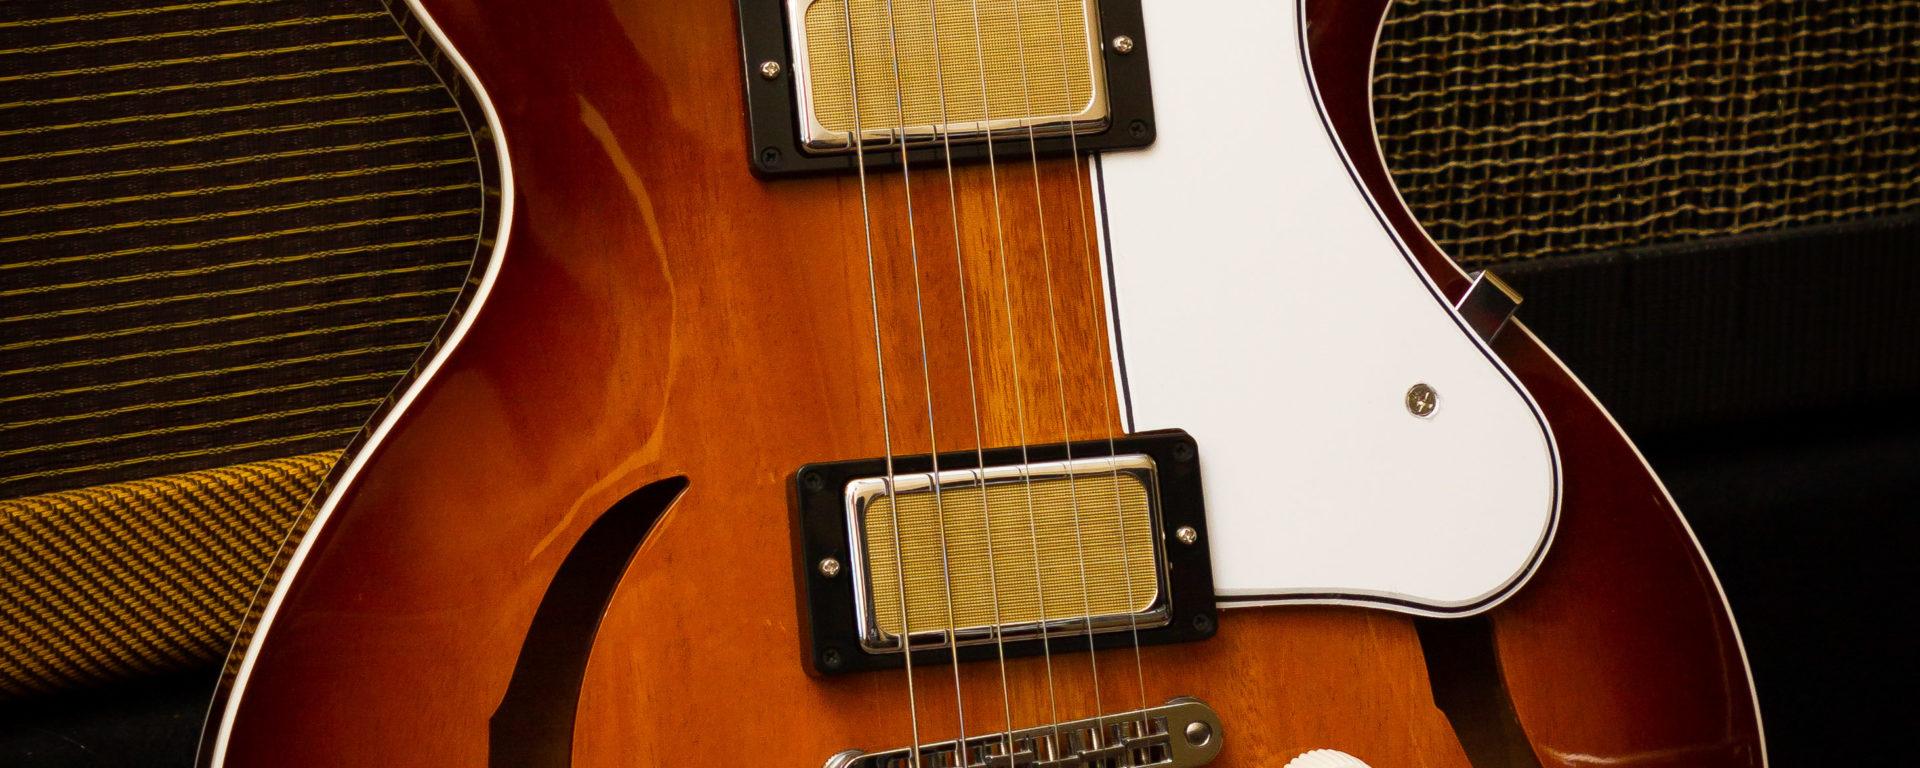 Harmony Guitars Comet